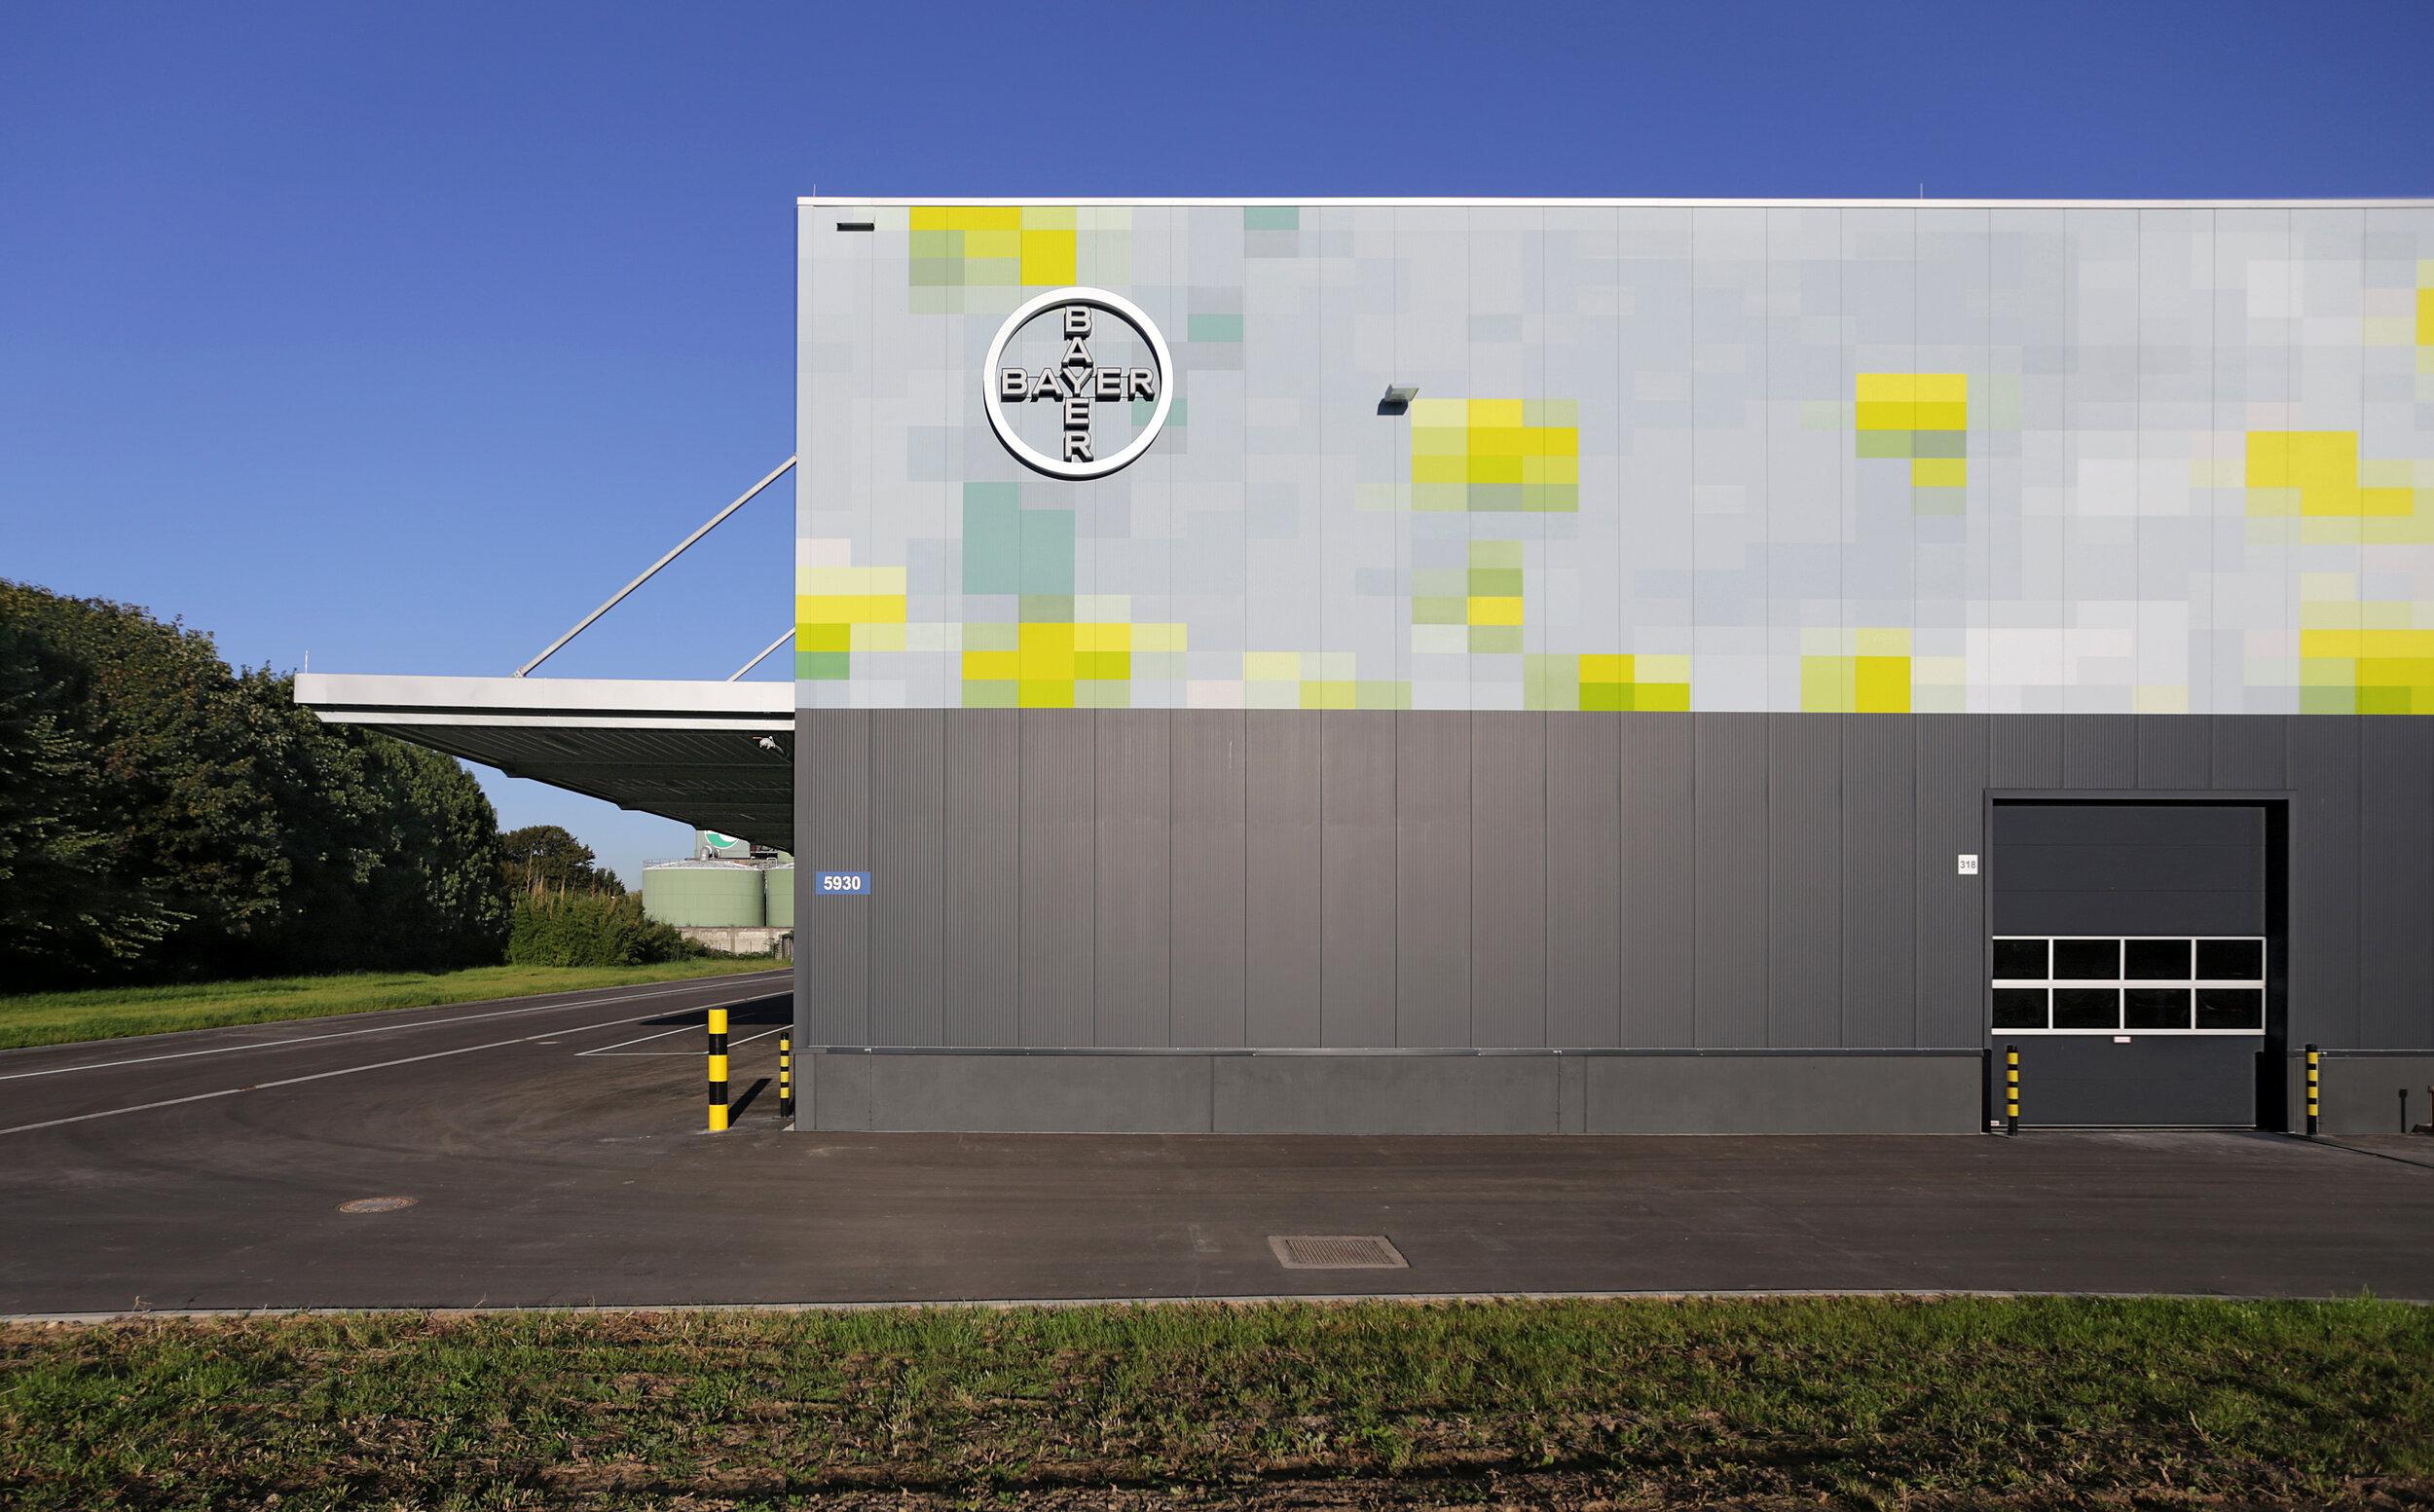 Lagerhalle-Design